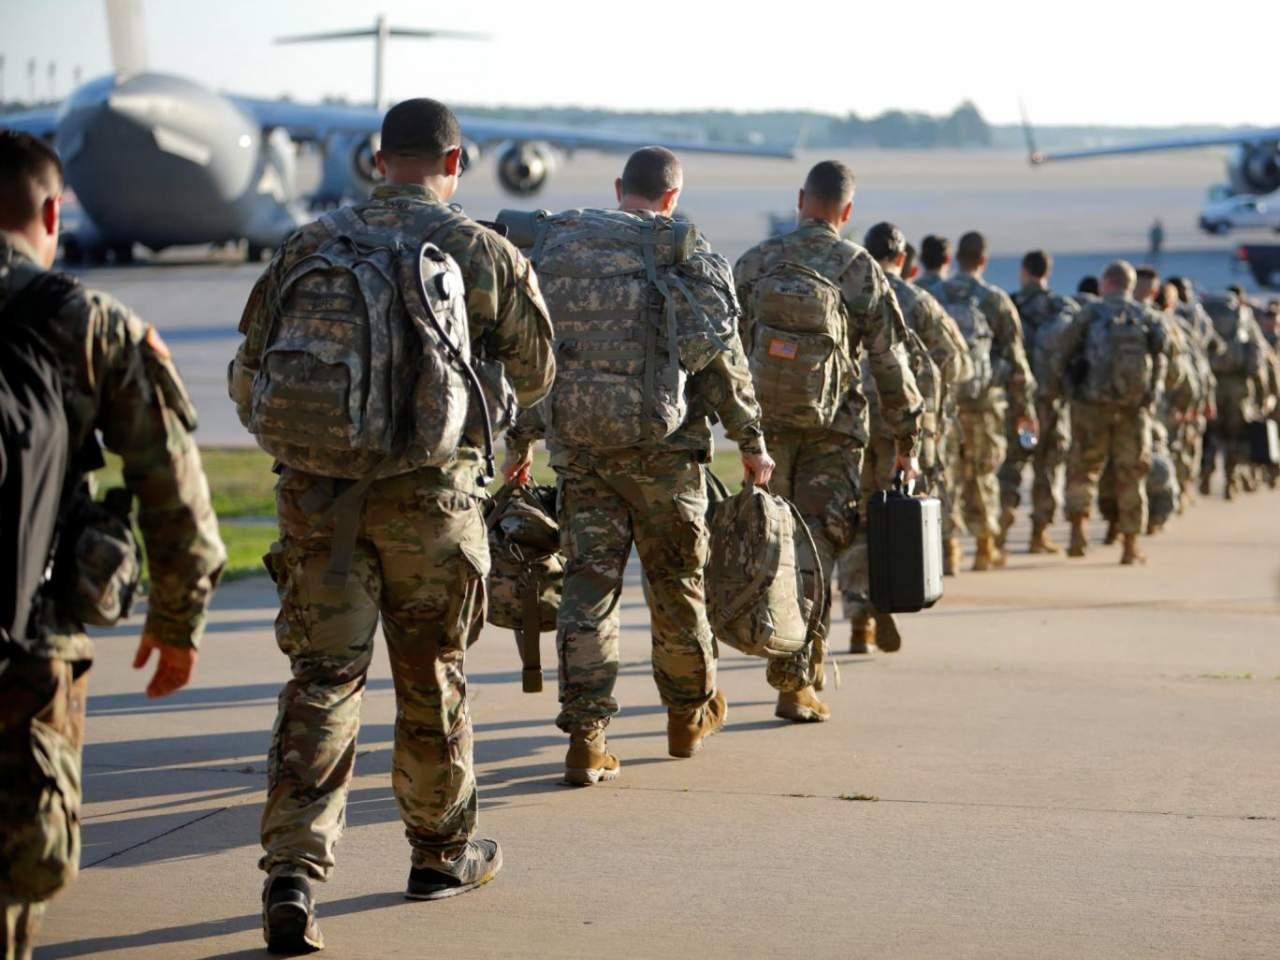 В Северной Каролине на военной базе прогремел взрыв: 15 солдат получили ранения